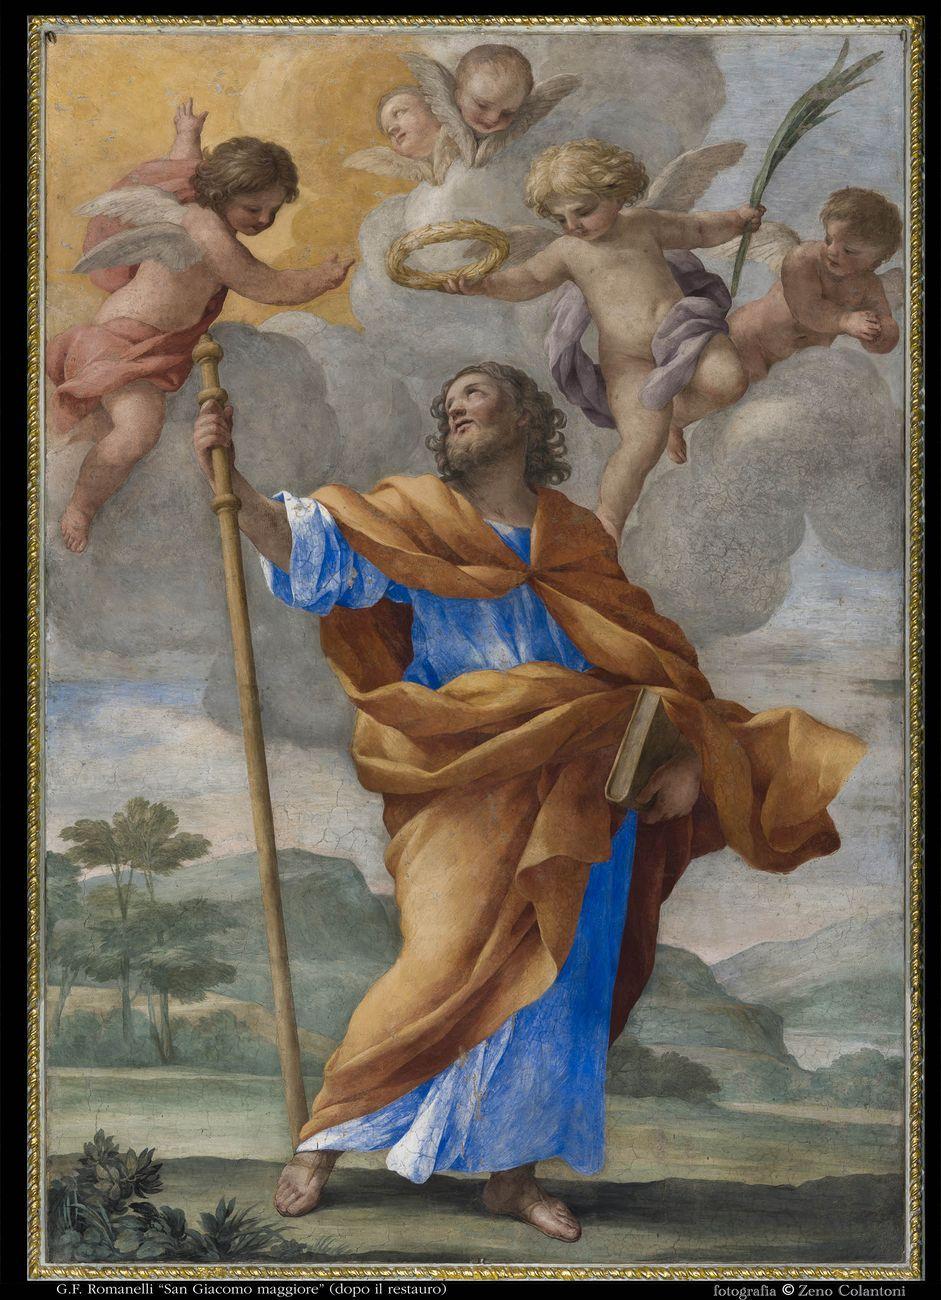 Francesco Romanelli, San Giacomo il Maggiore. Chiesa di San Giacomo alla Lungara, Roma. Dopo il restauro. Photo © Zeno Colantoni